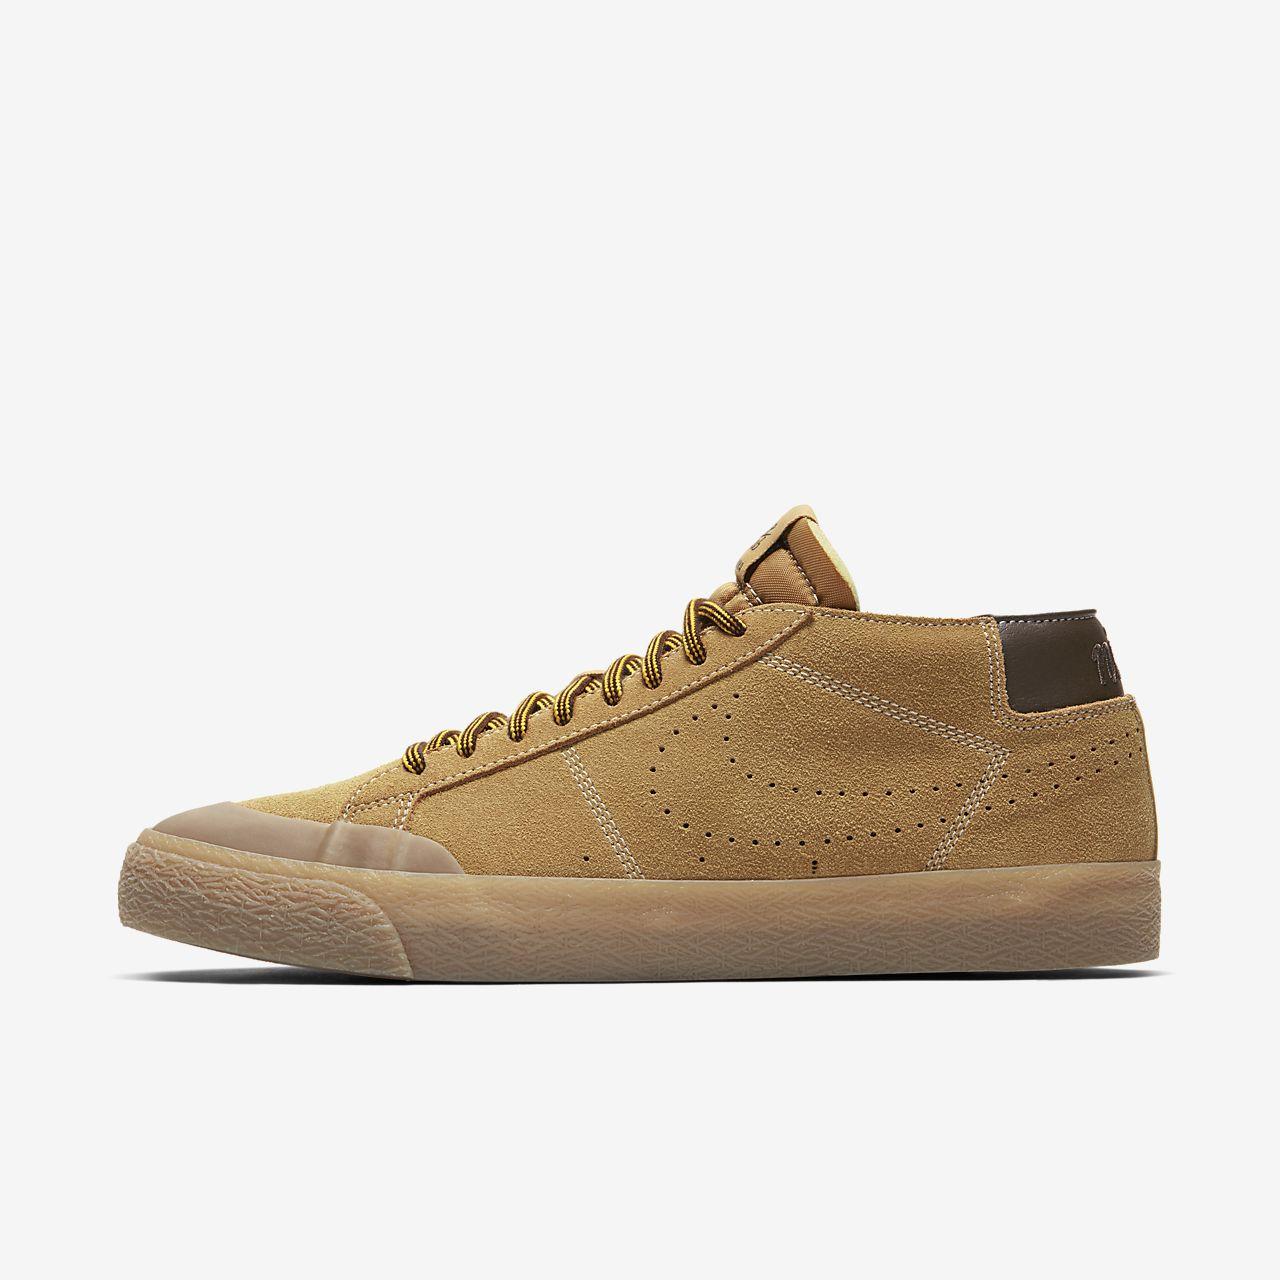 Gördeszkás CipőHu Zoom Blazer Xt Nike Sb Chukka Premium SUMVzp